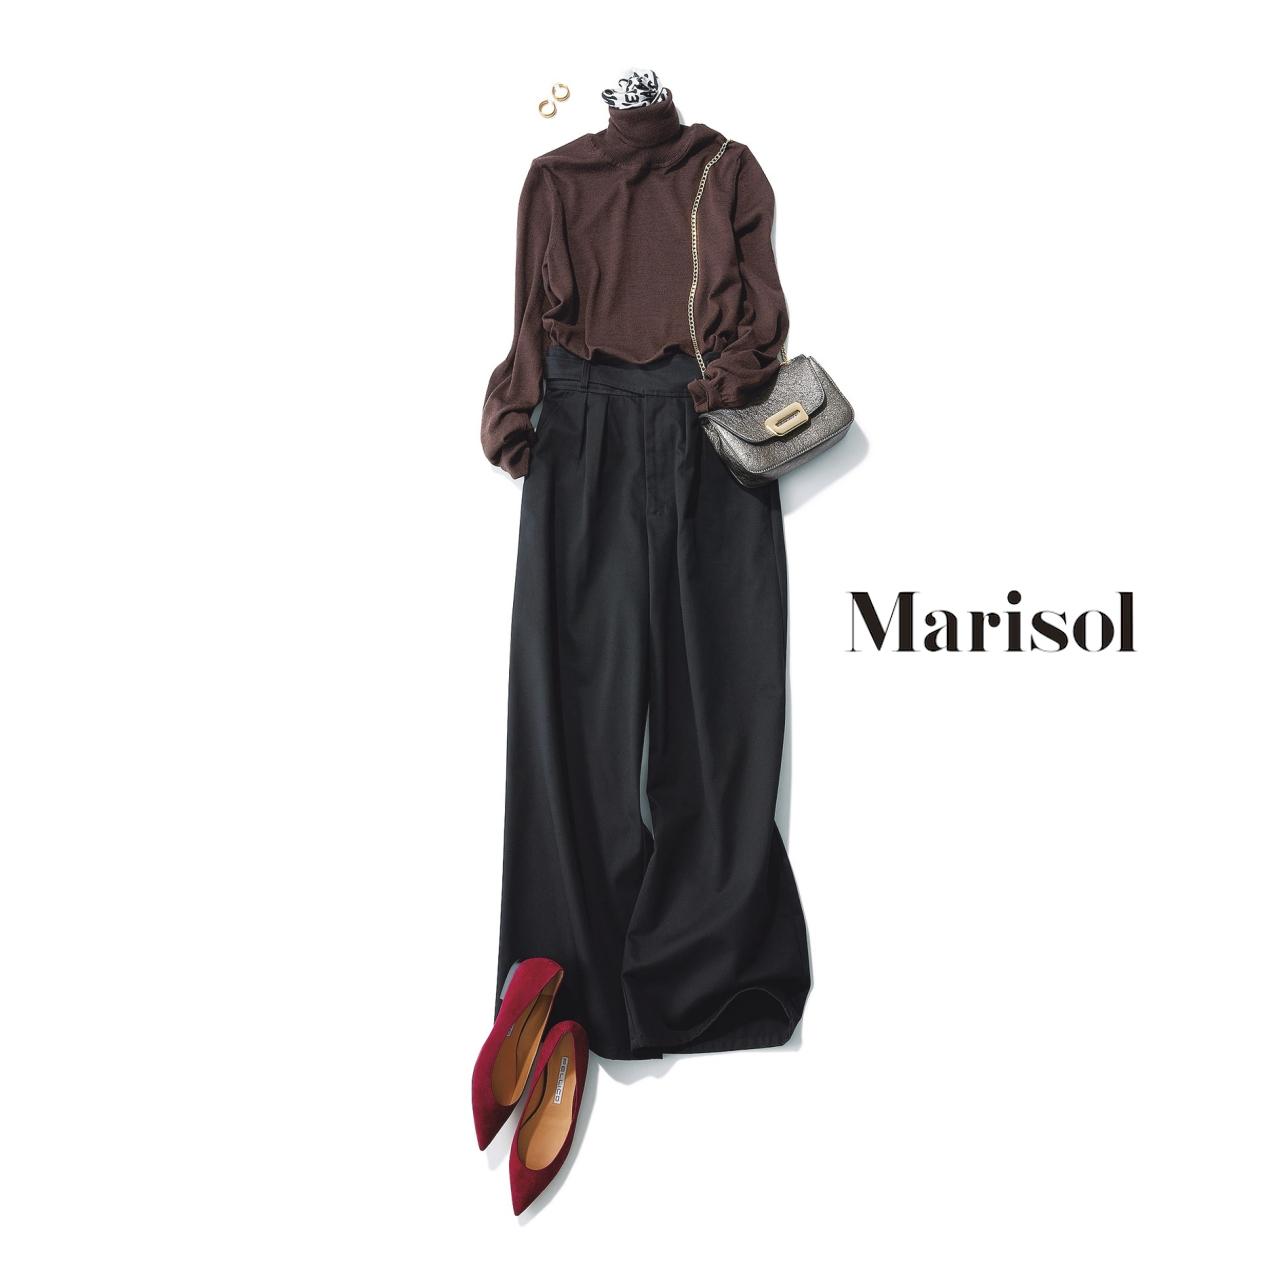 40代ファッション ブラウンニット×黒ワイドパンツコーデ